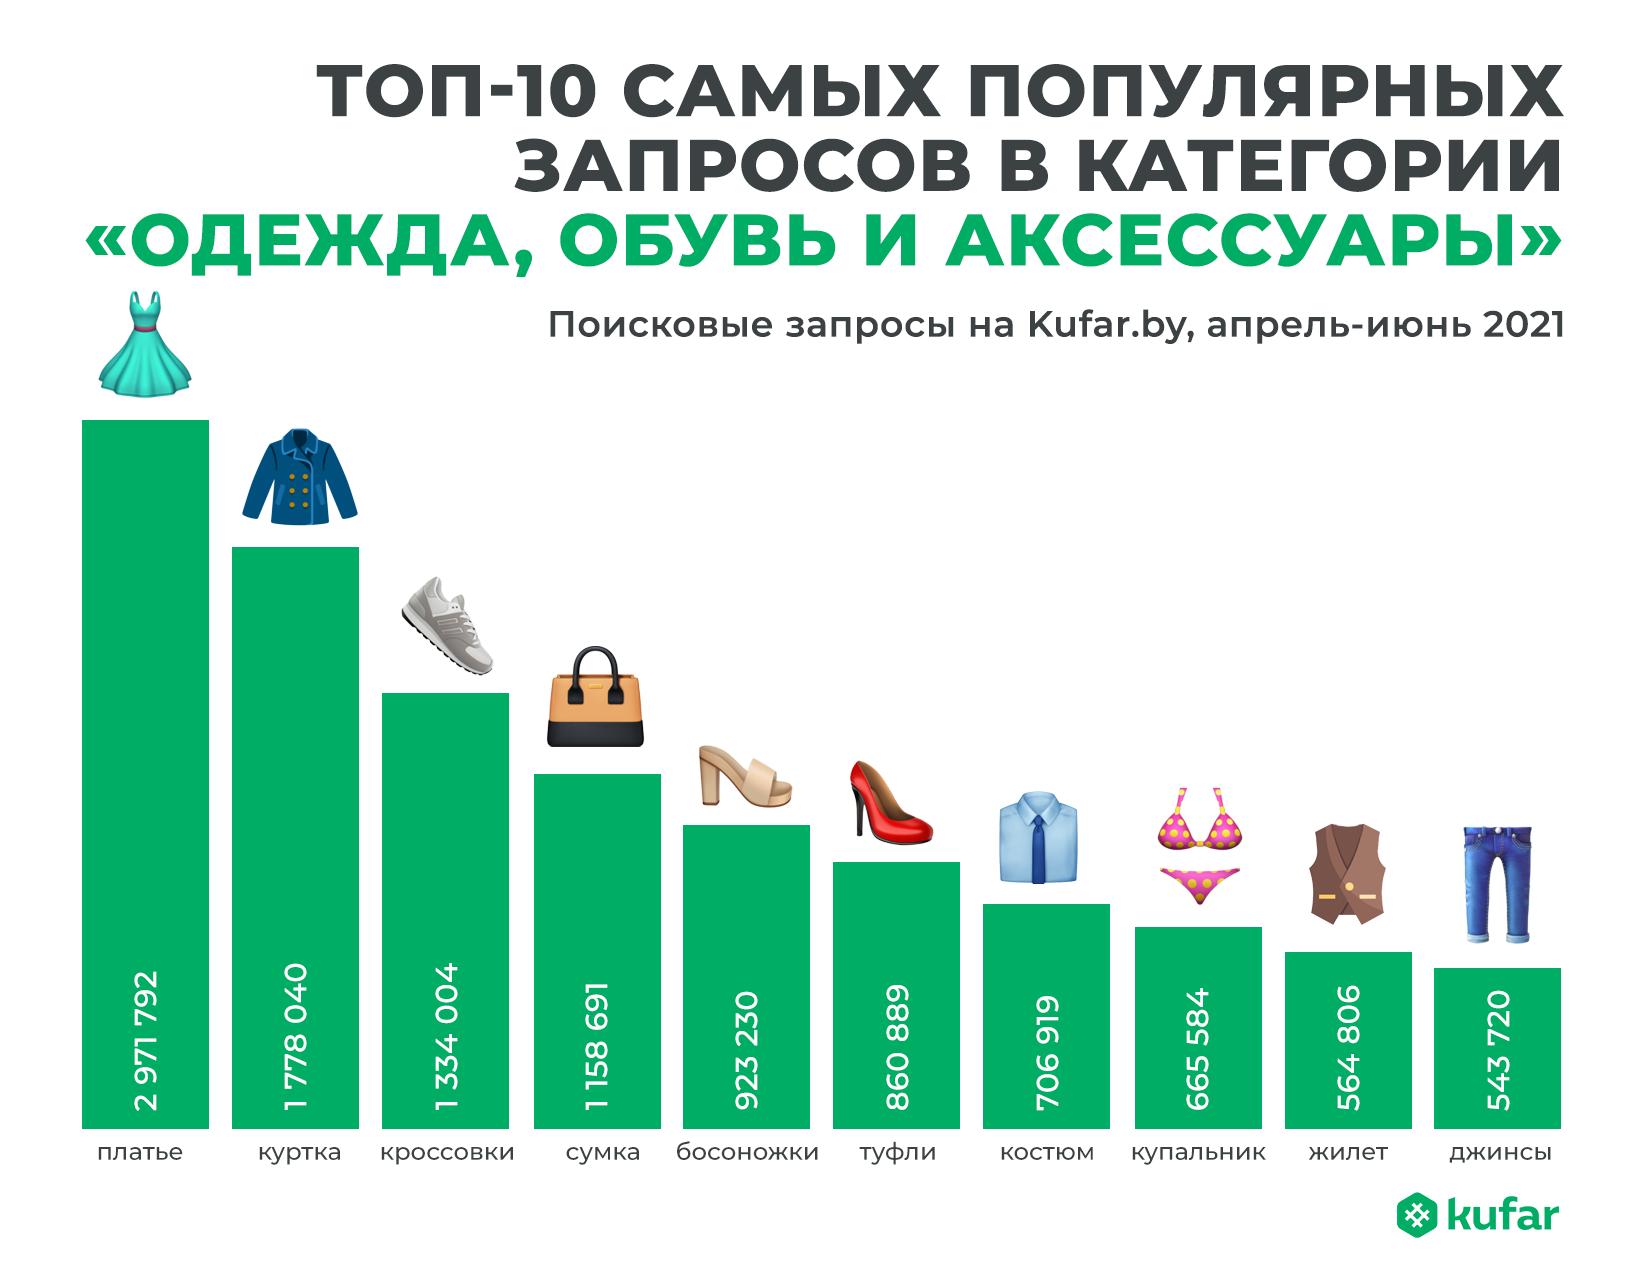 Что носят белорусы: самые популярные вещи, размеры и цвета 2